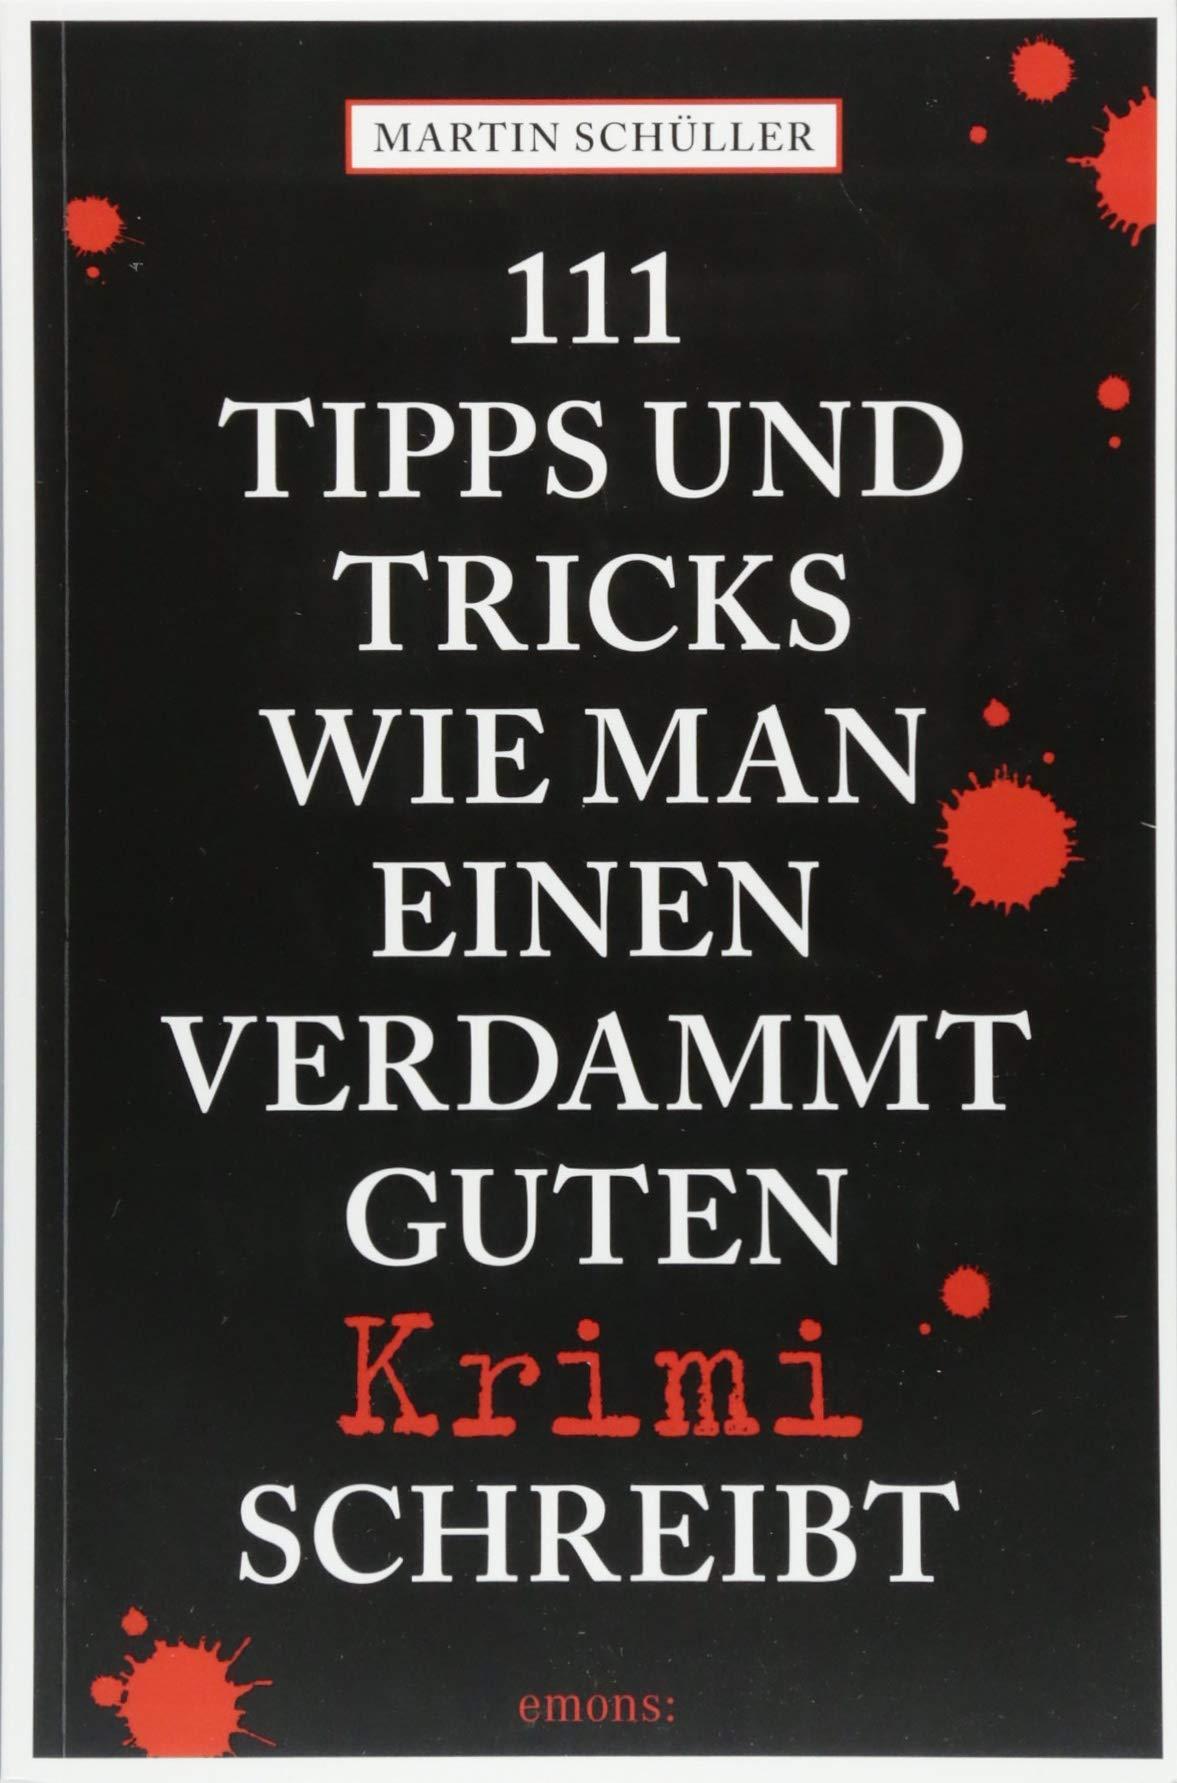 111 Tipps und Tricks, wie man einen verdammt guten Krimi schreibt:  Ratgeber: Amazon.de: Schüller, Martin: Bücher